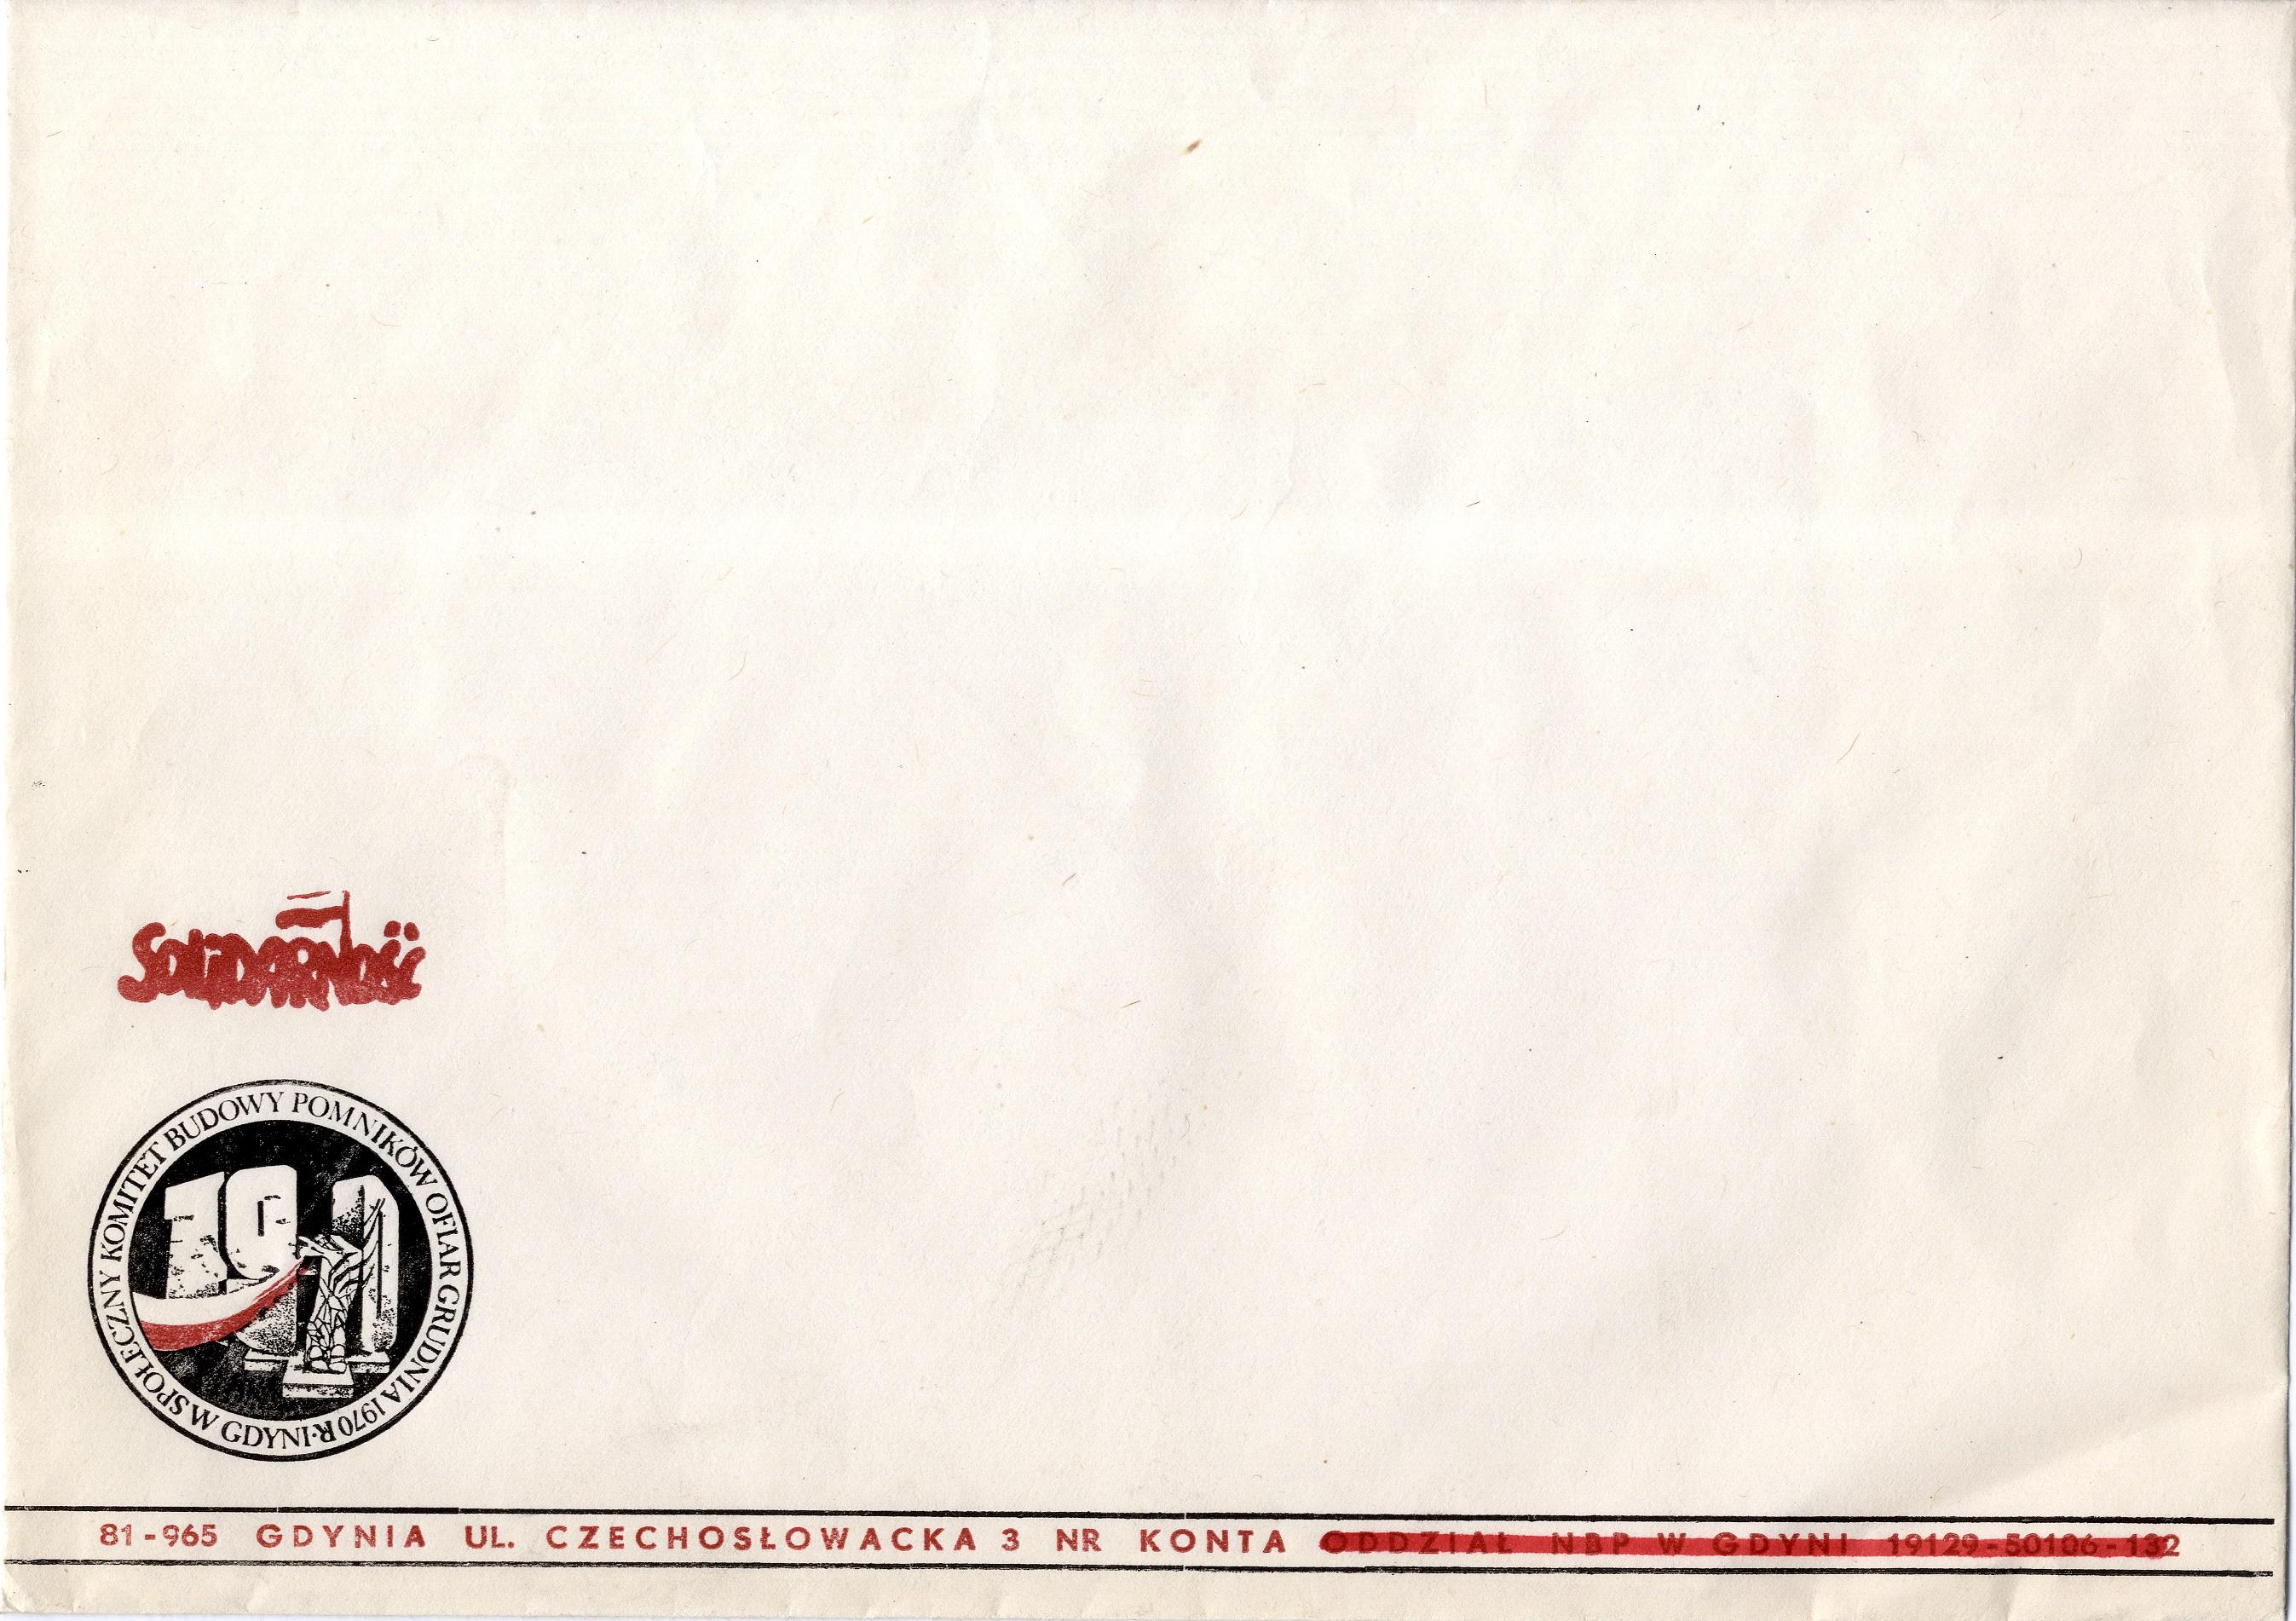 AKKS 347-030-105 - 007